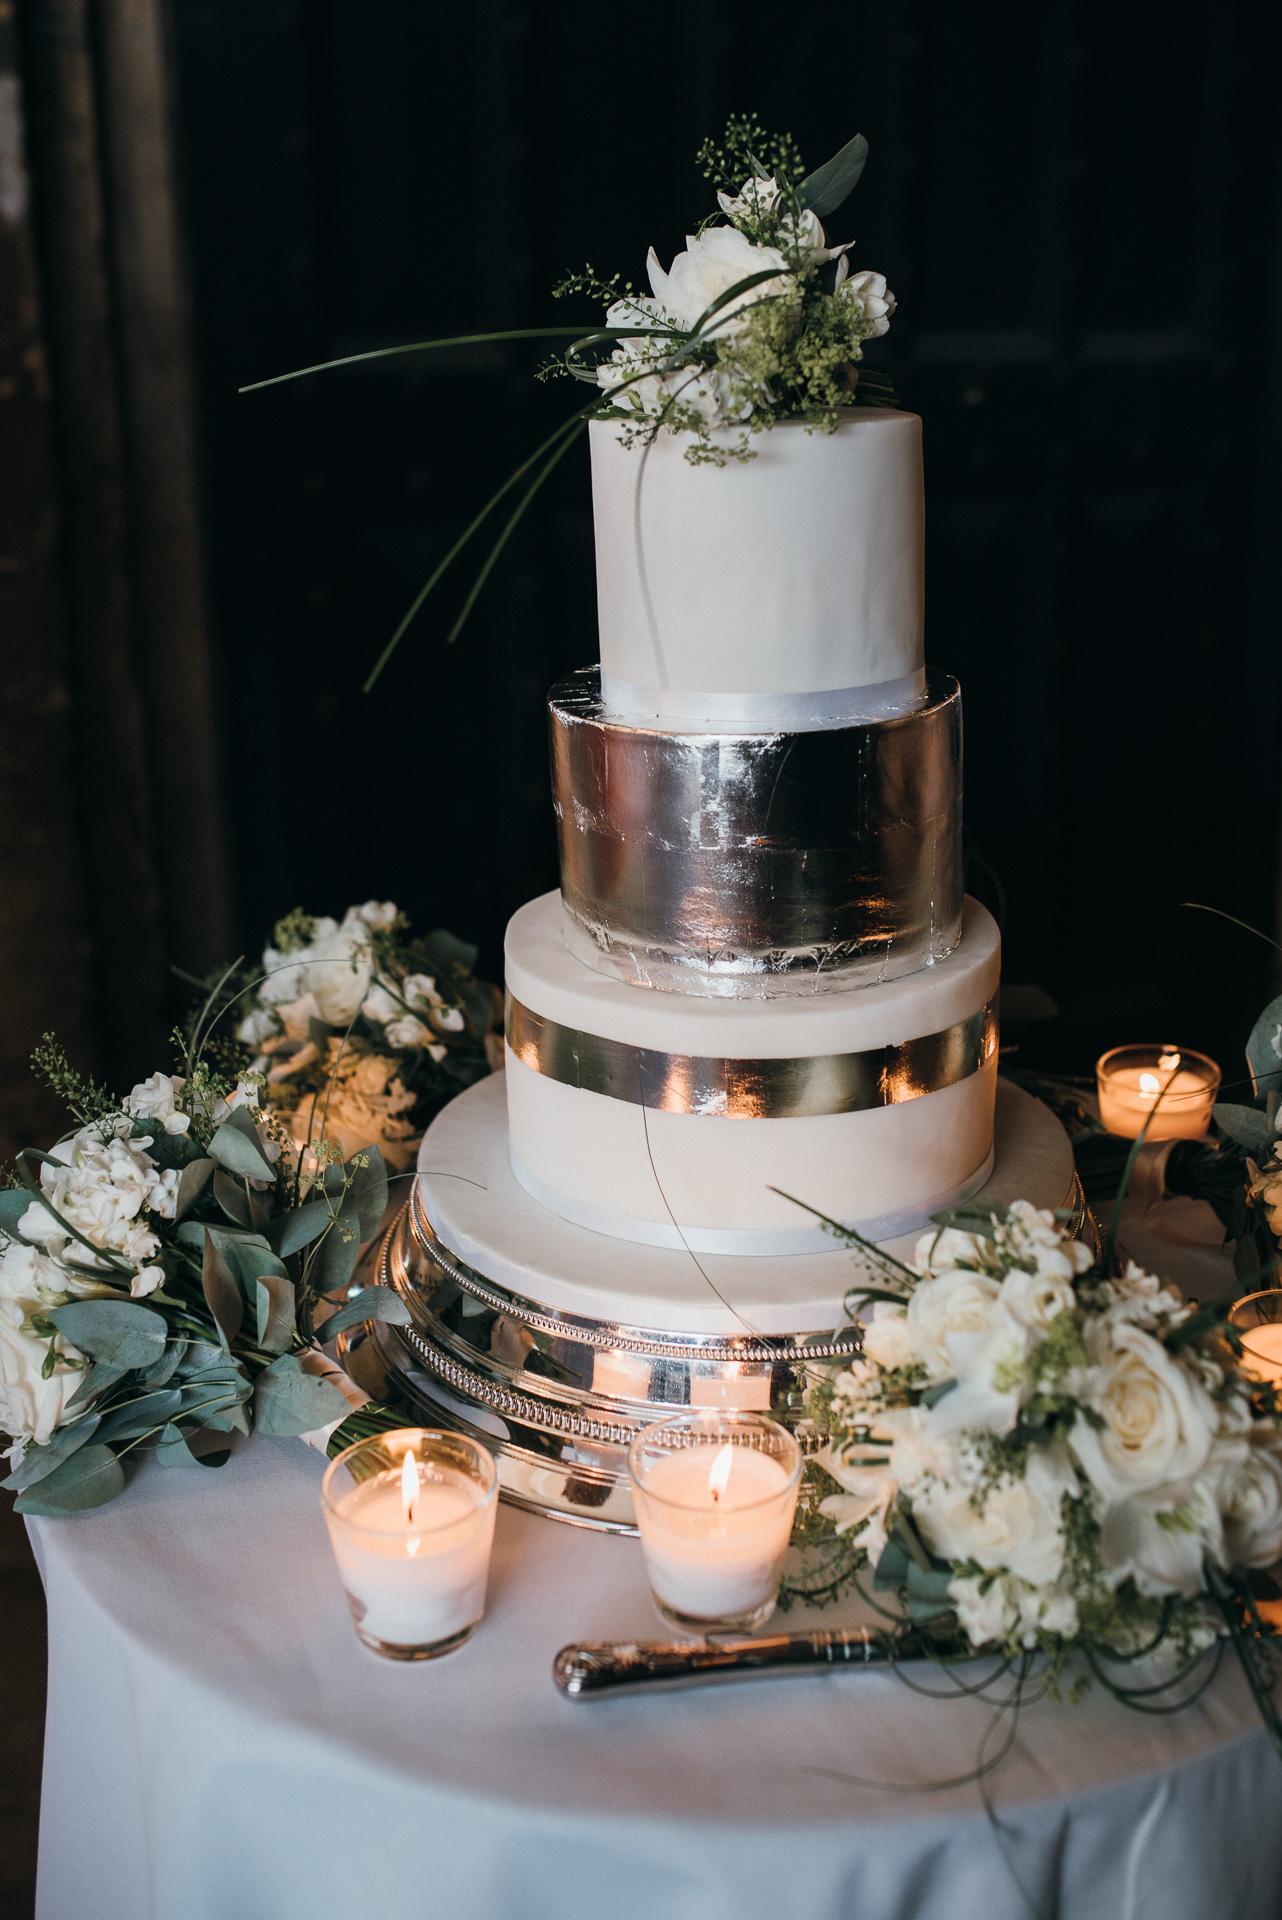 Sudeley castle wedding cake